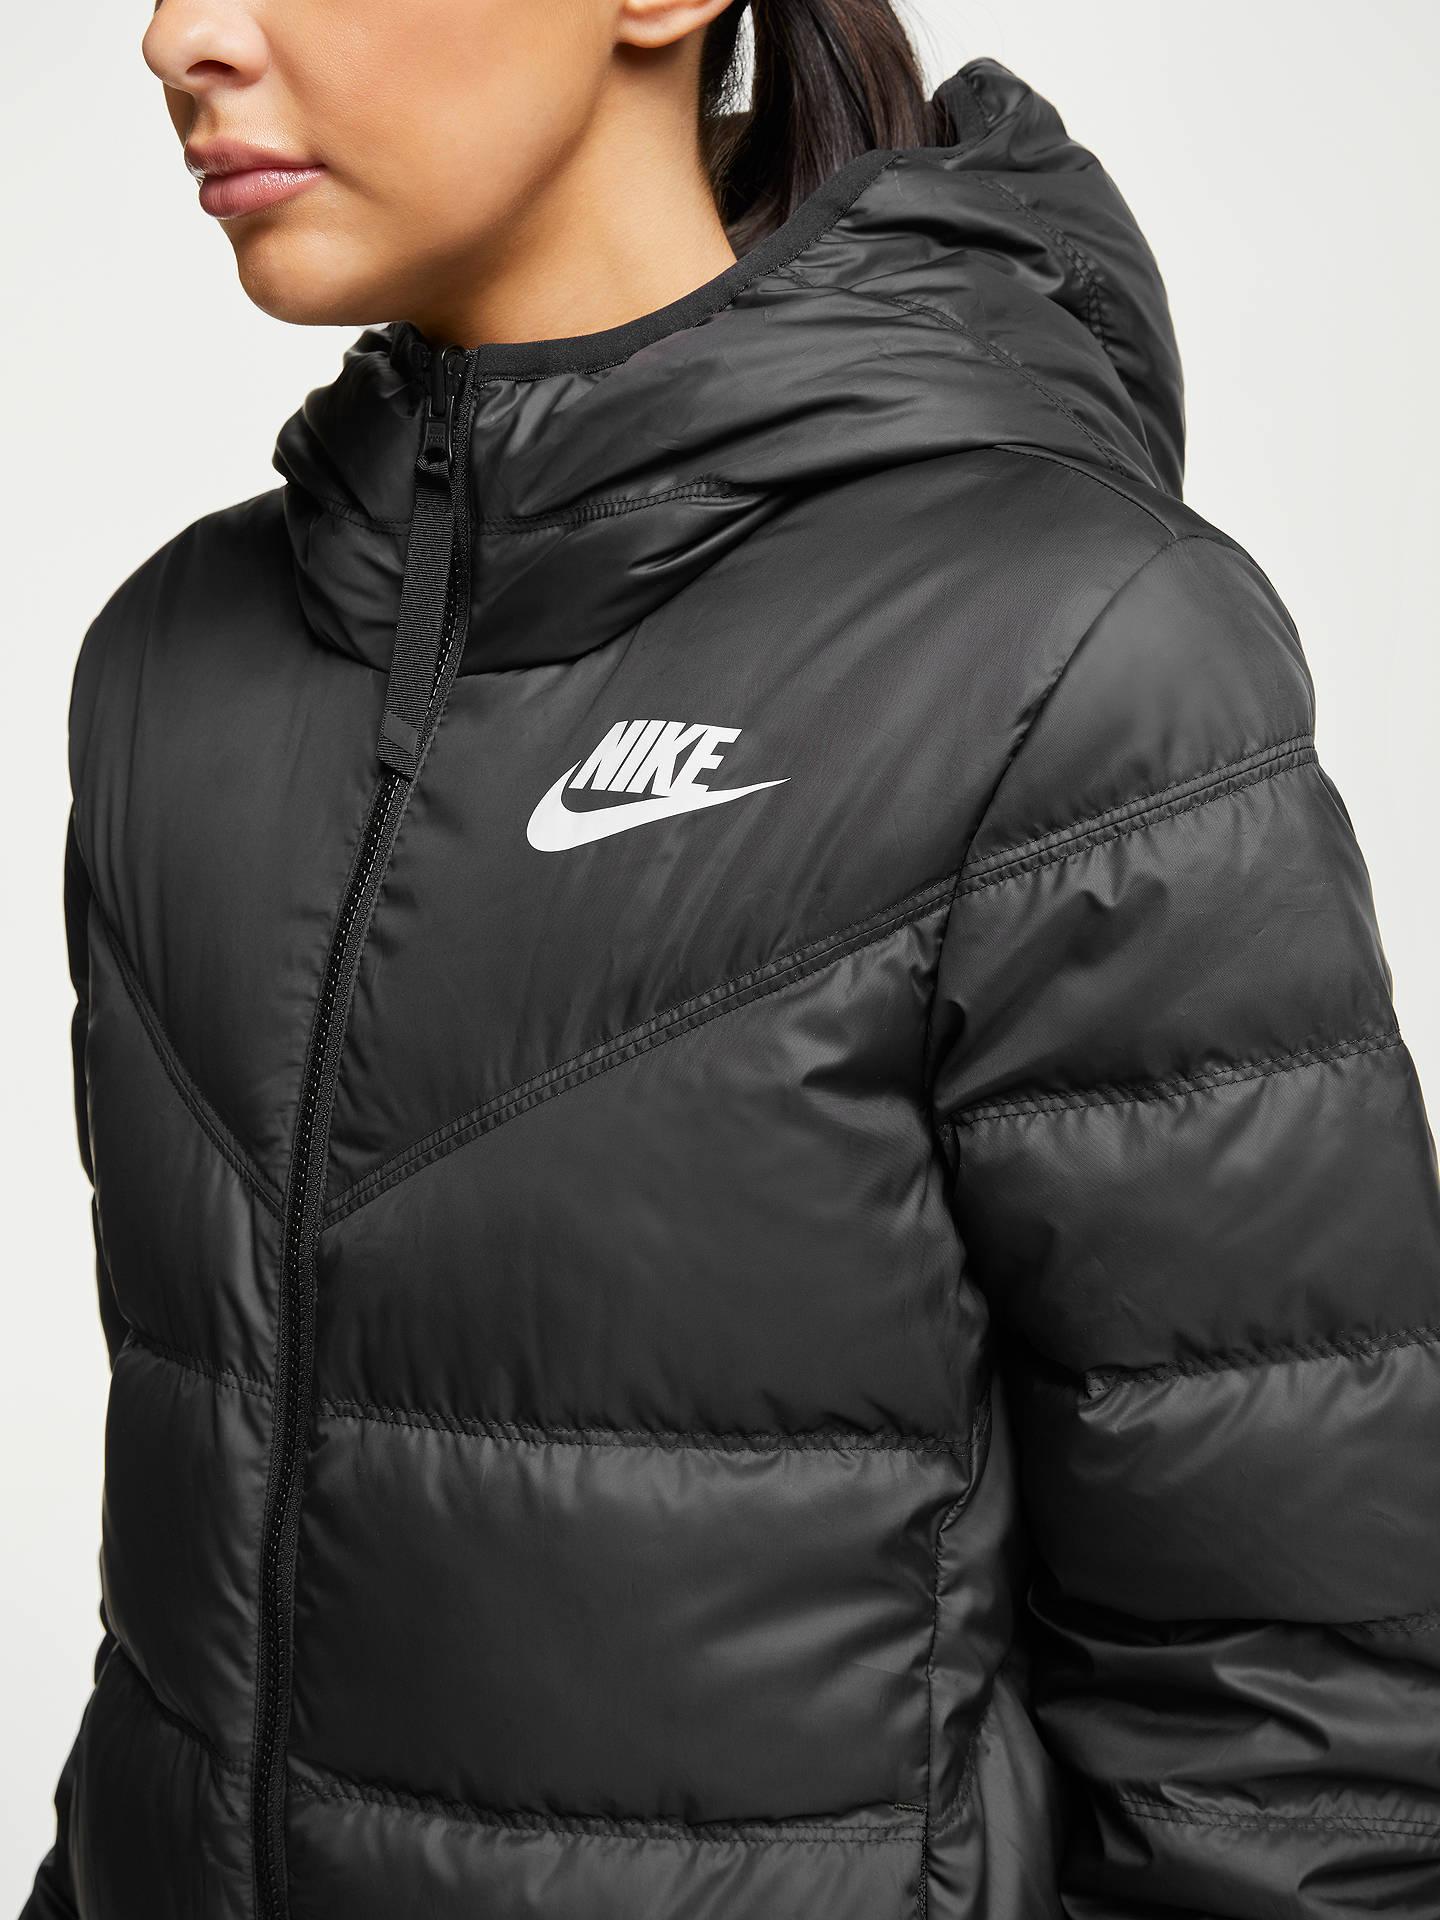 0ec793f16ccb ... Buy Nike Sportswear Windrunner Women s Reversible Down Fill Jacket